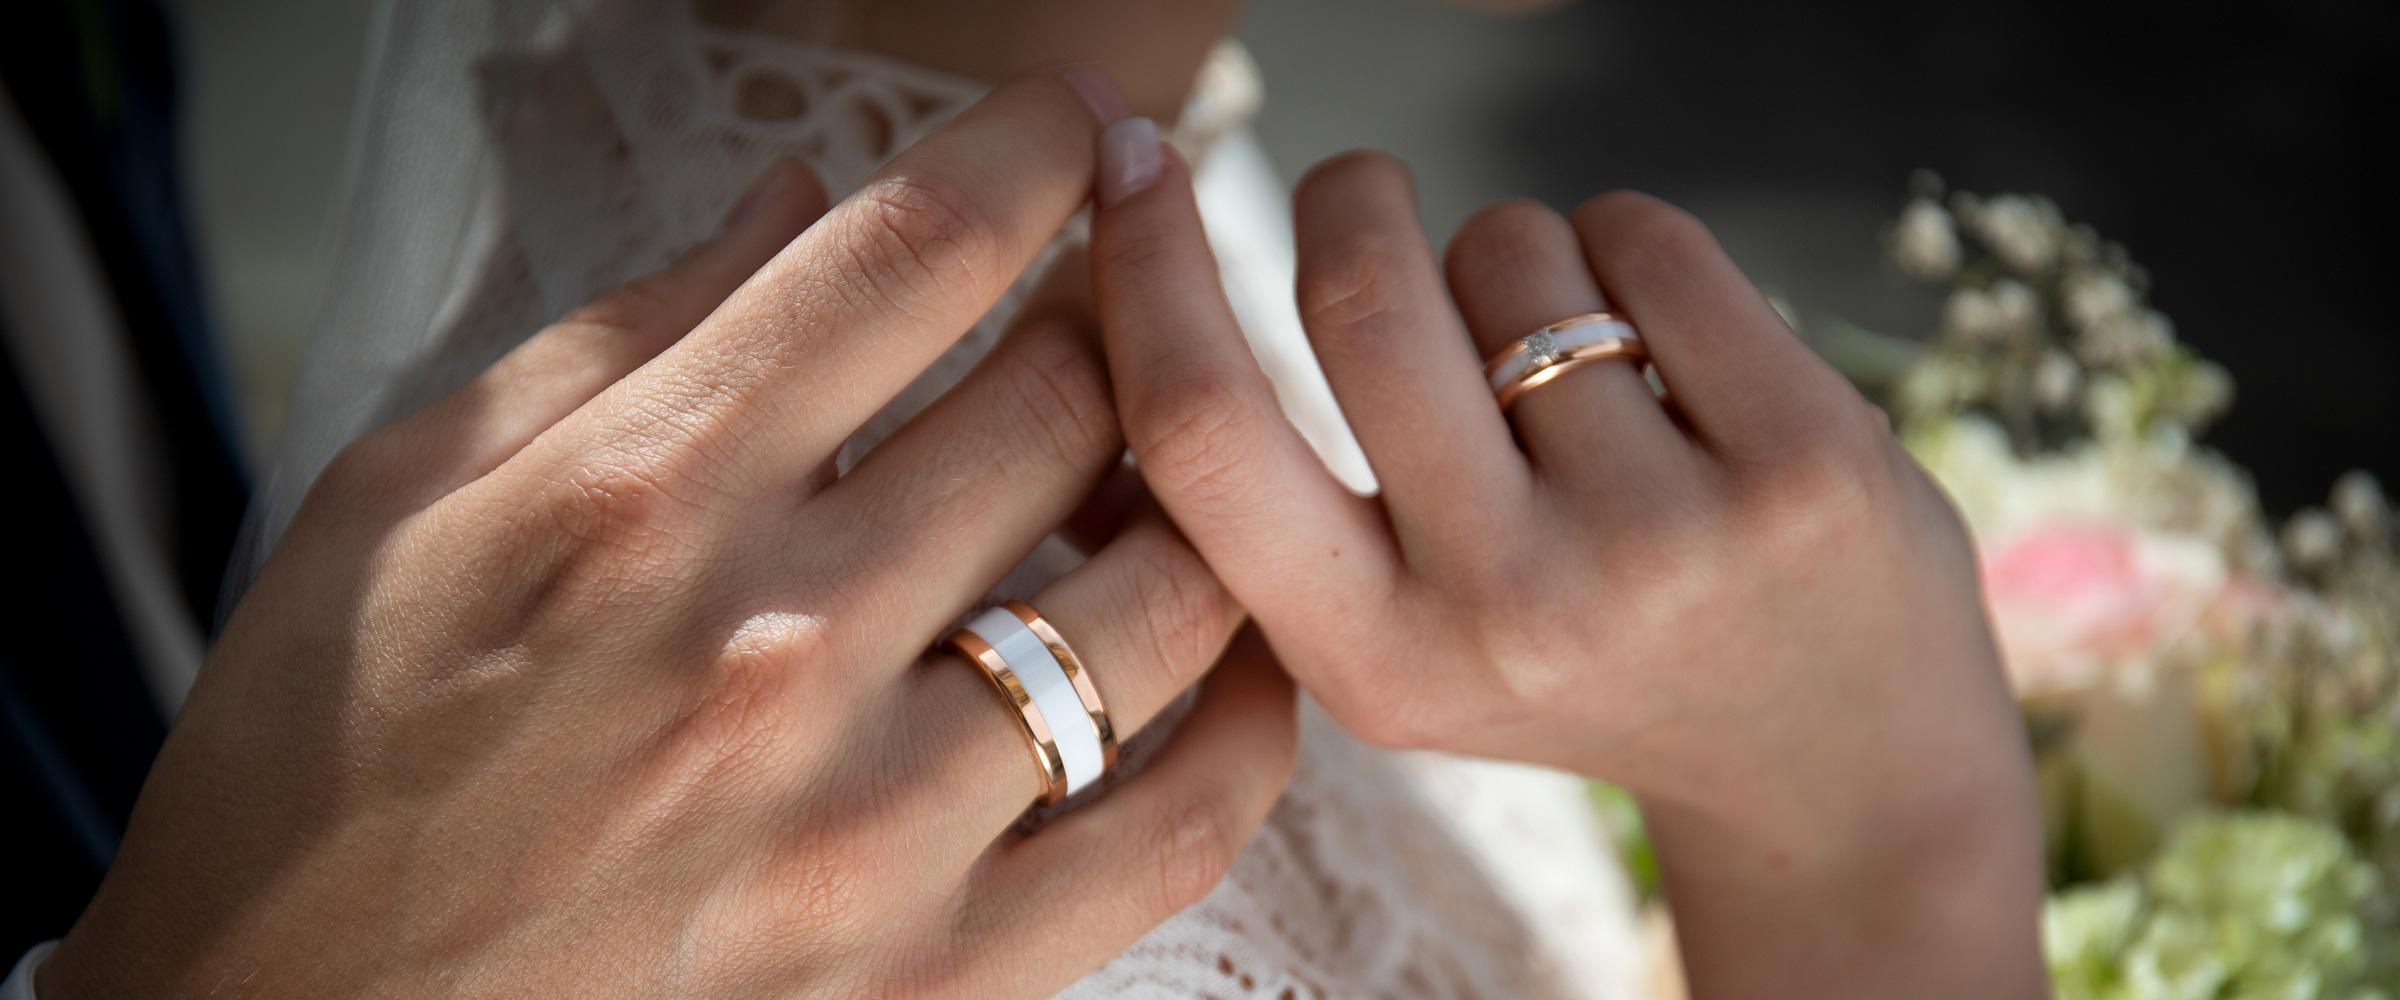 2018_07_12_BERING_ONLINE_Wedding_Bilder_10_6